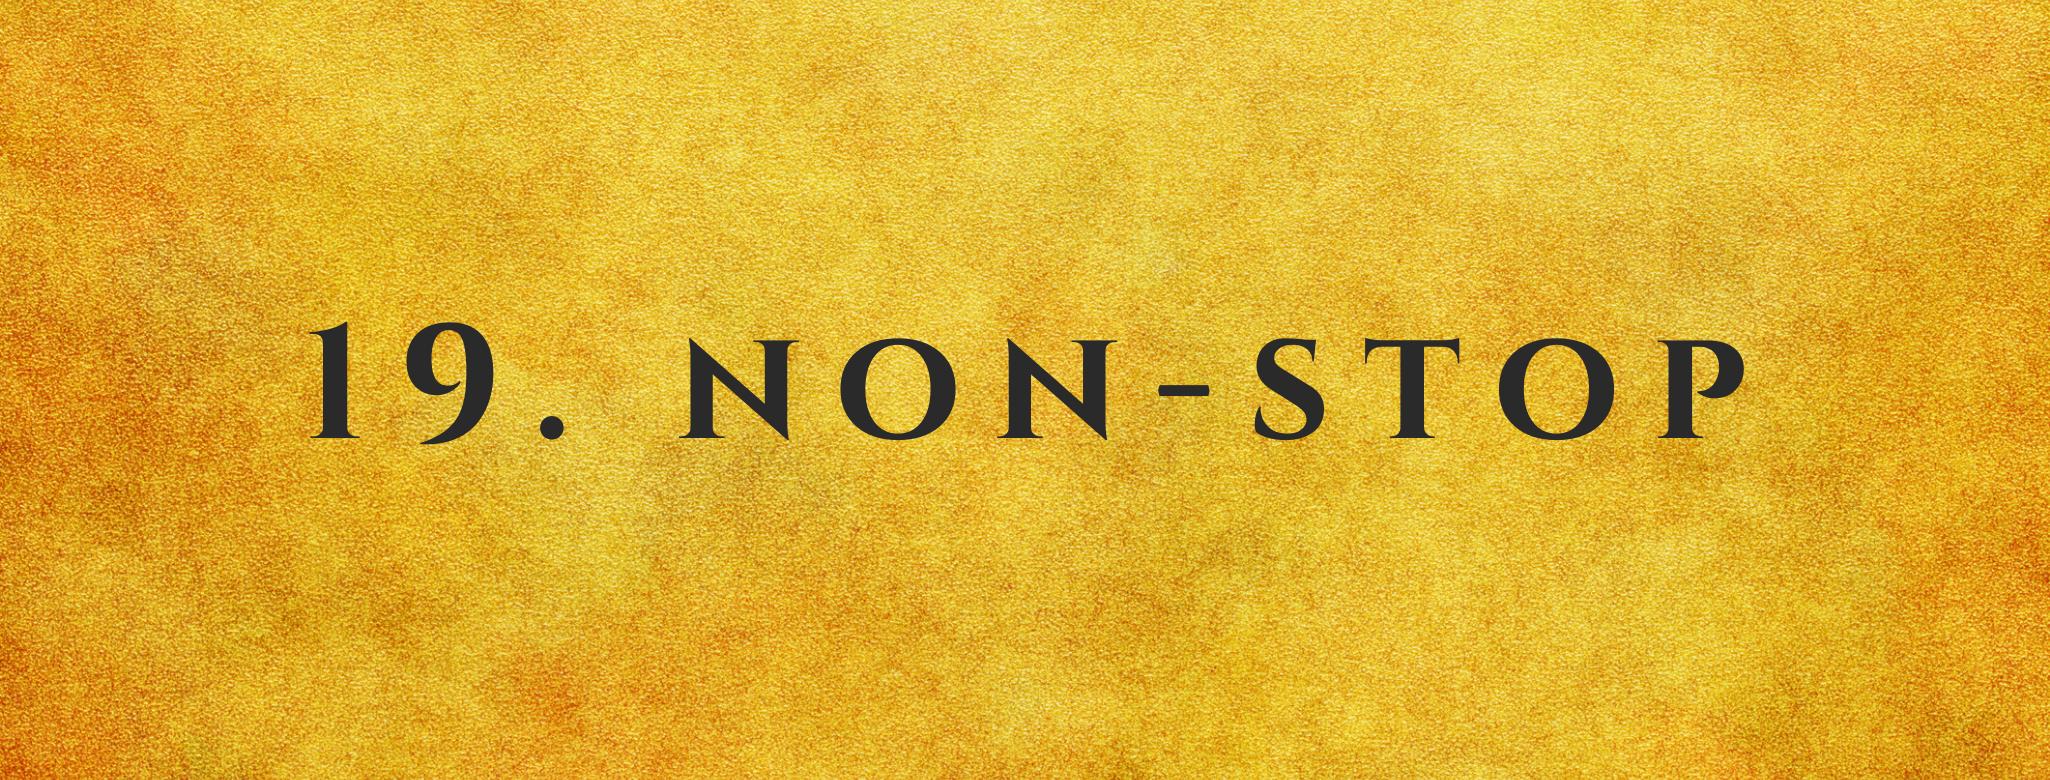 #19 Non-Stop